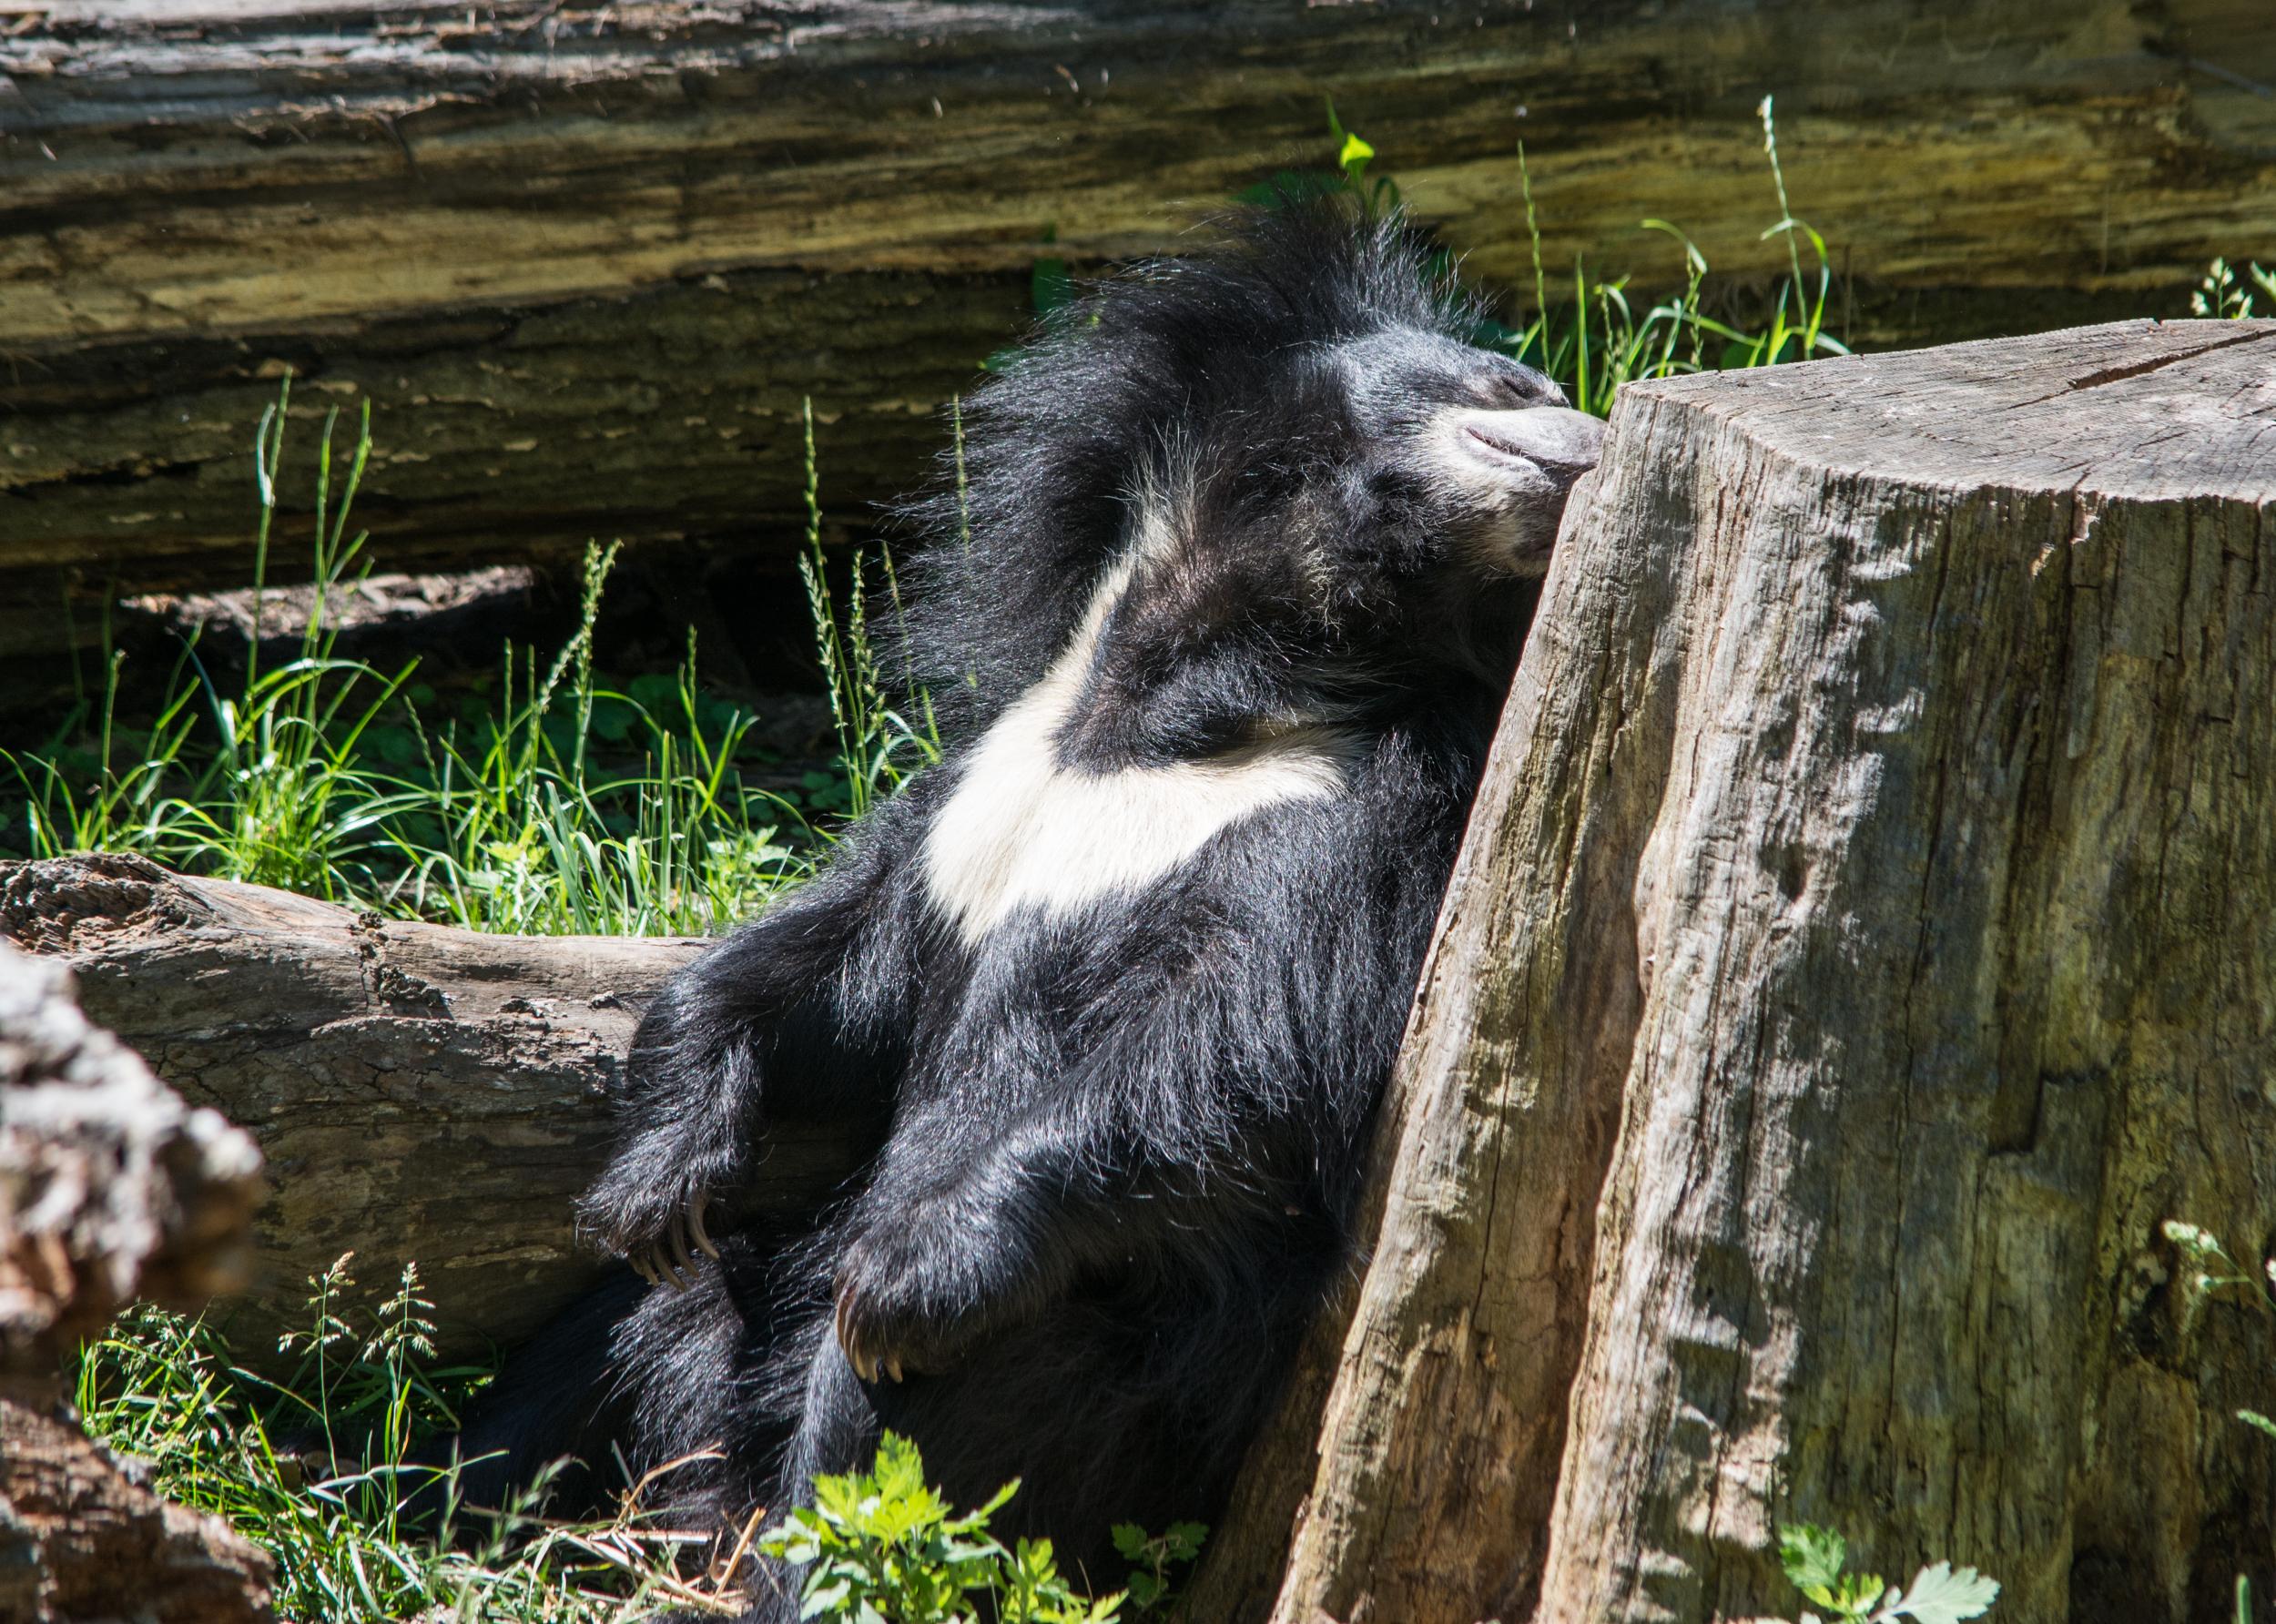 sloth bear sunning - Cleveland Zoo